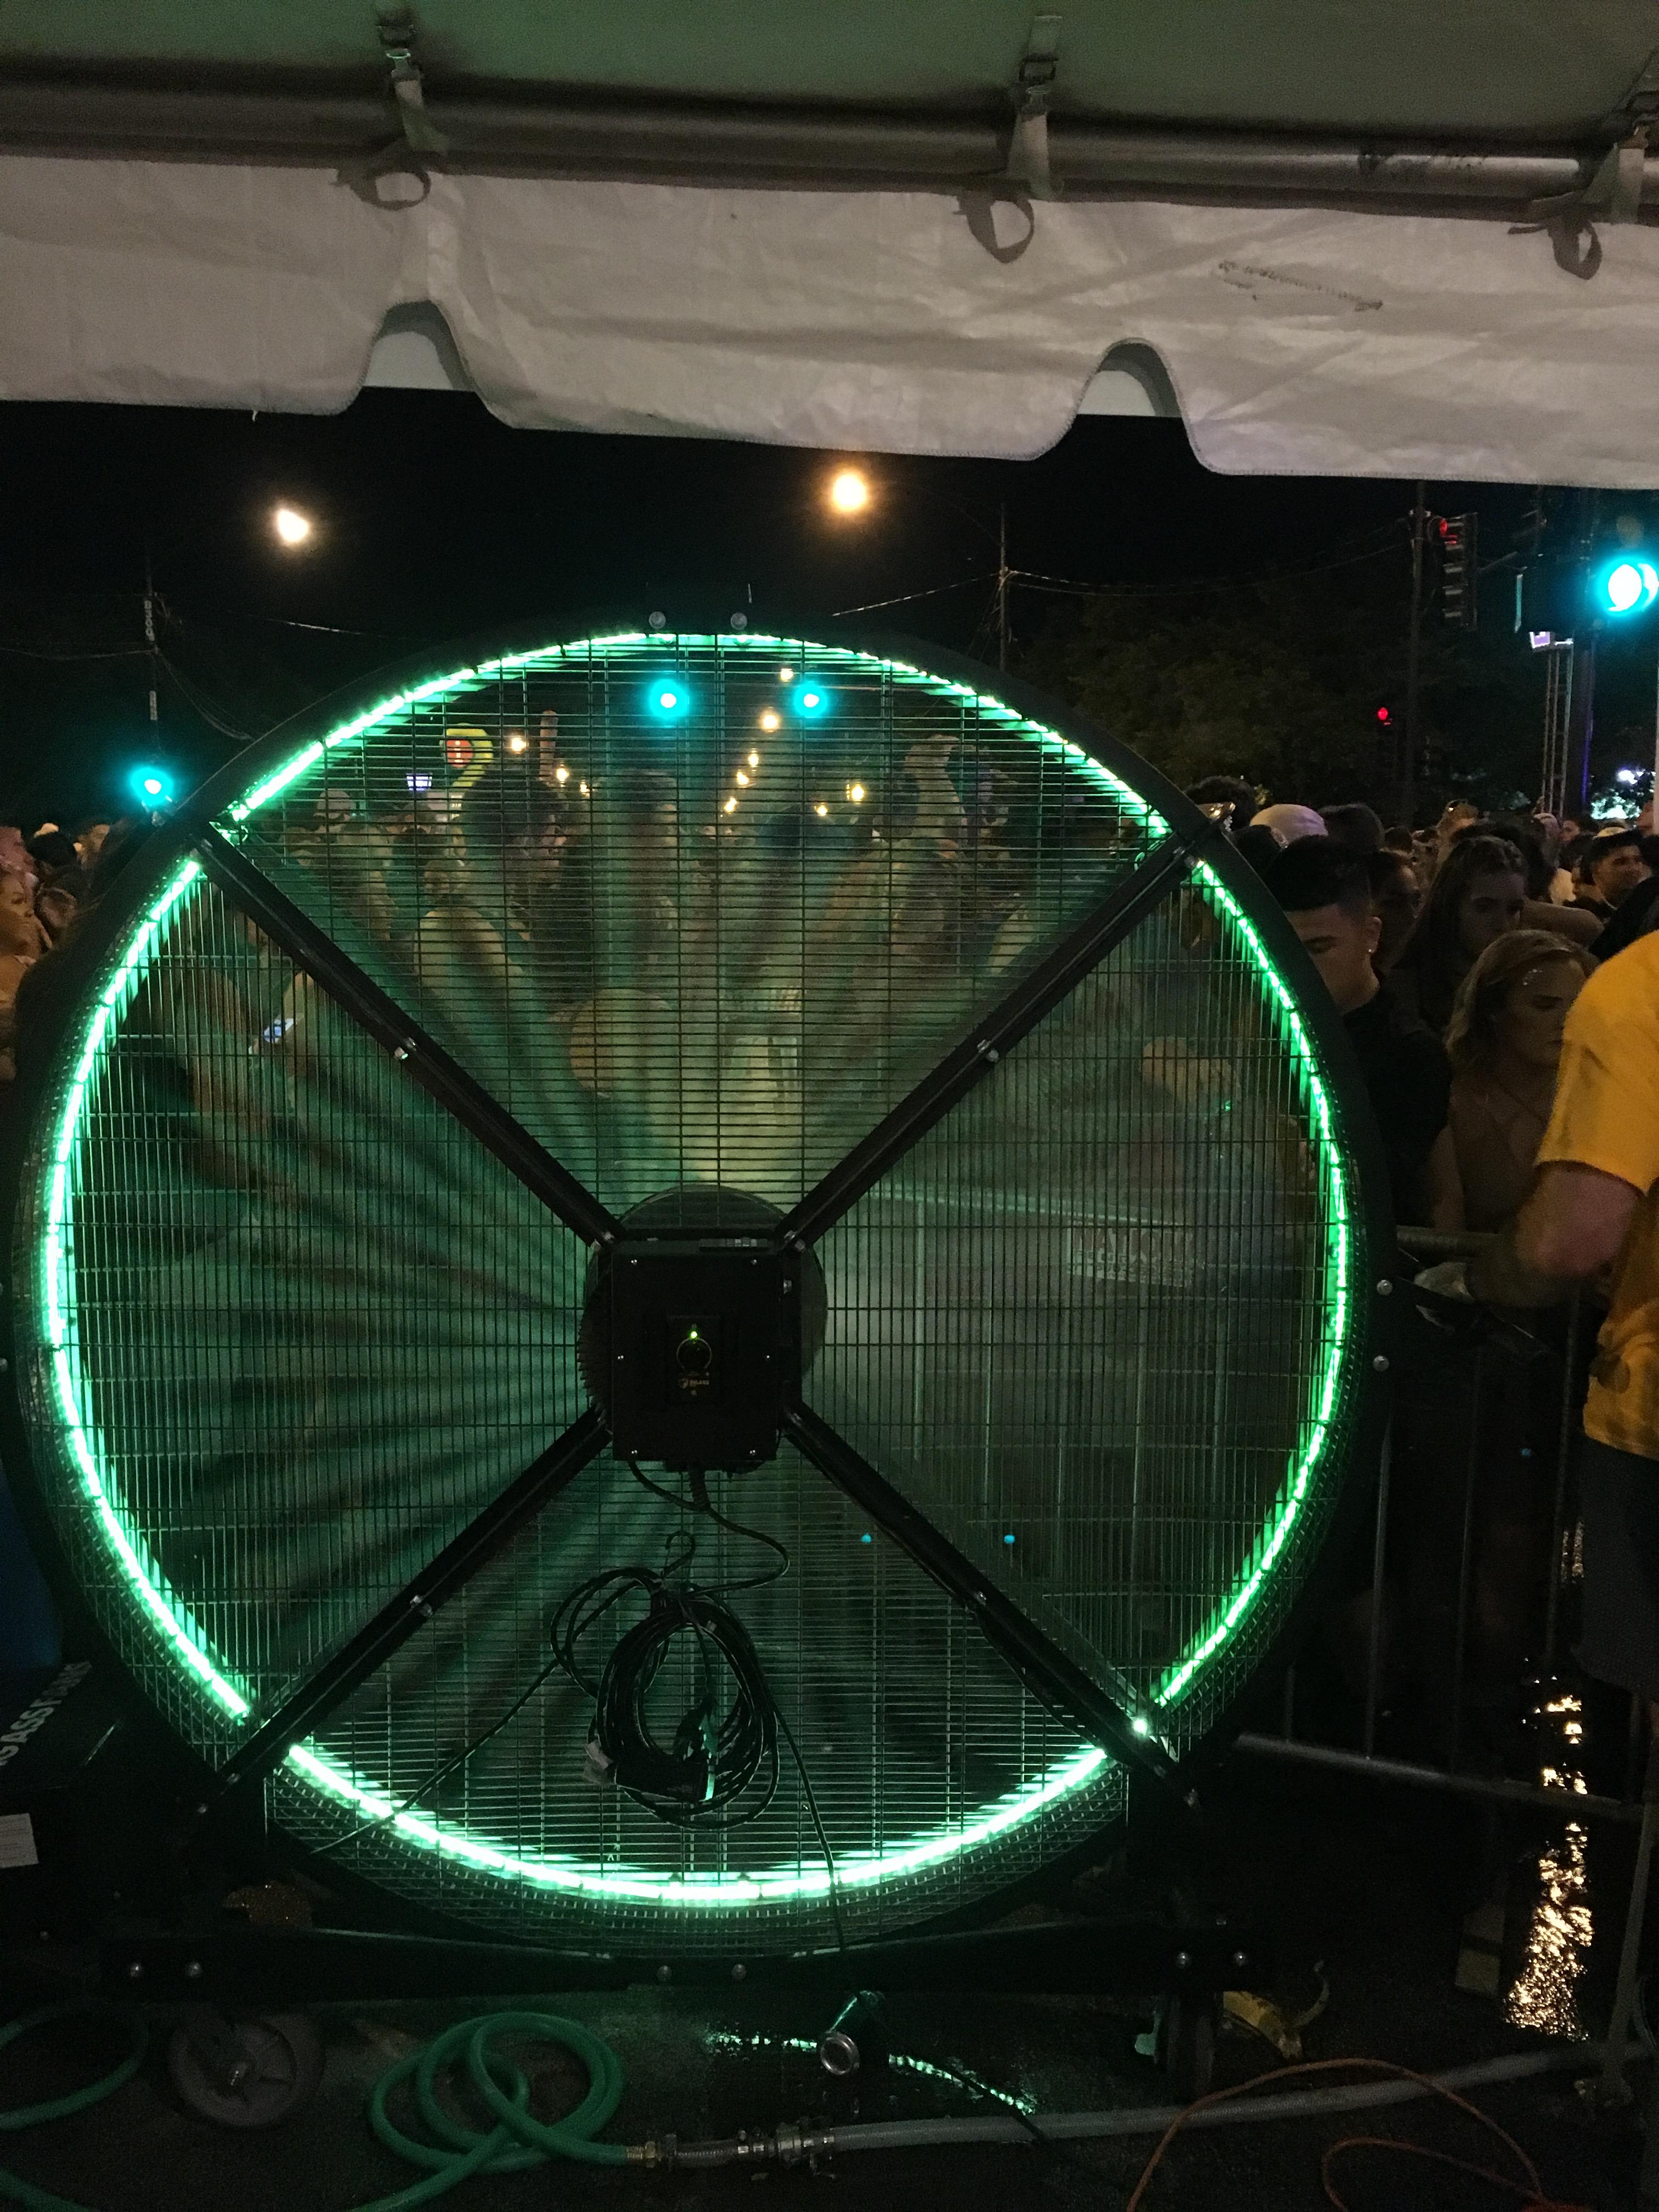 Big Black Misting Fan with LED Lights